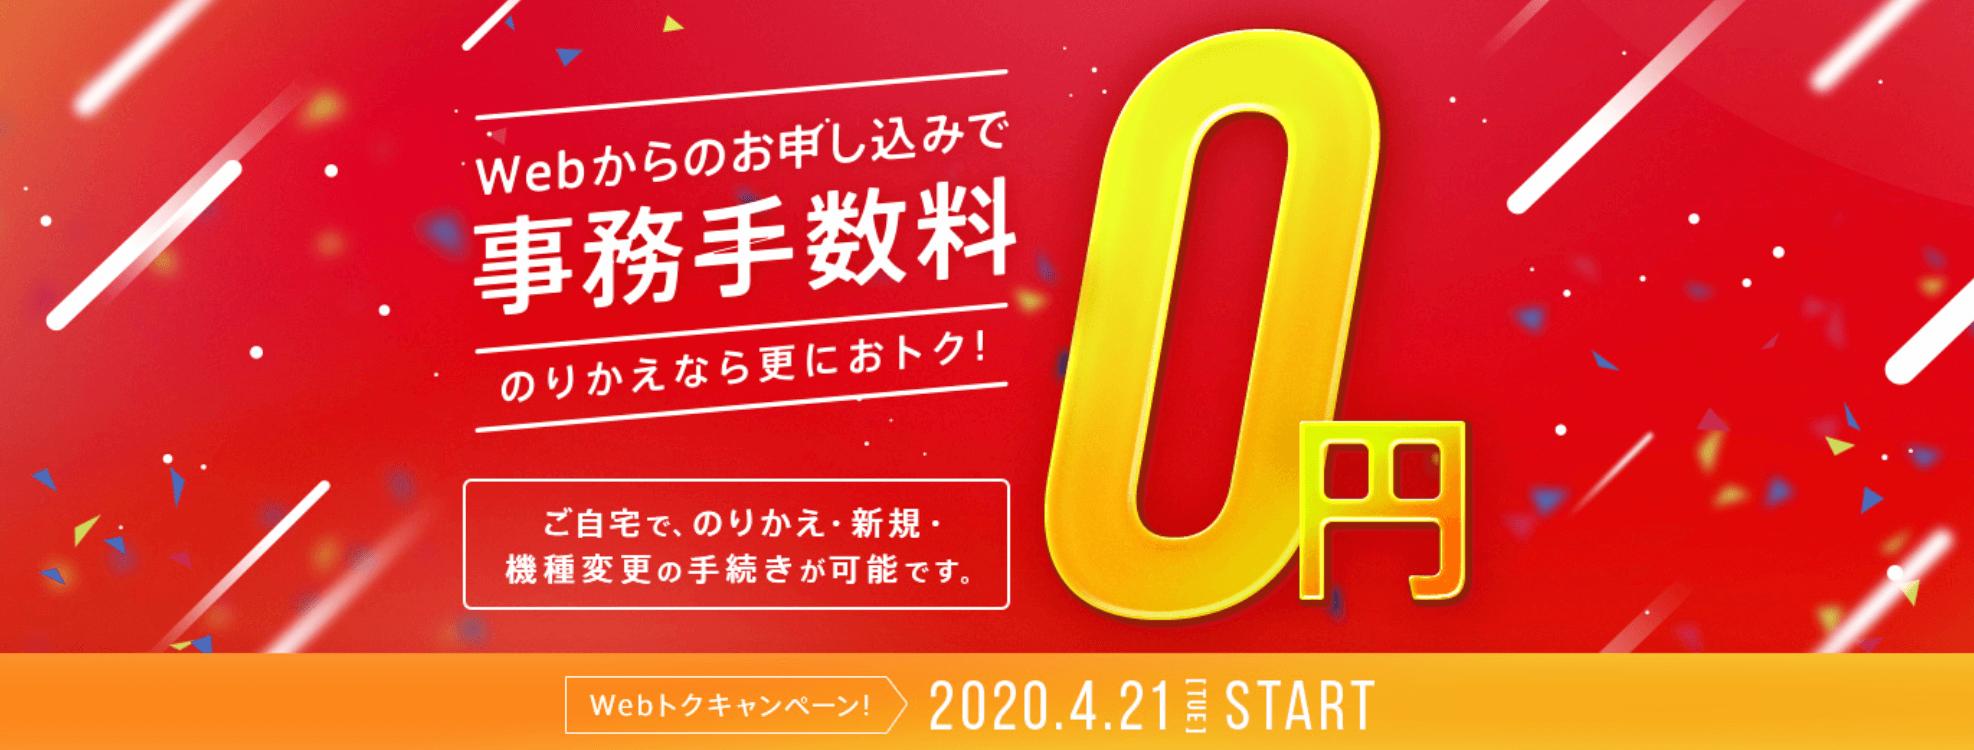 スマホ_スマートフォン_おすすめ_ソフトバンクキャンペーン事務手数料無料